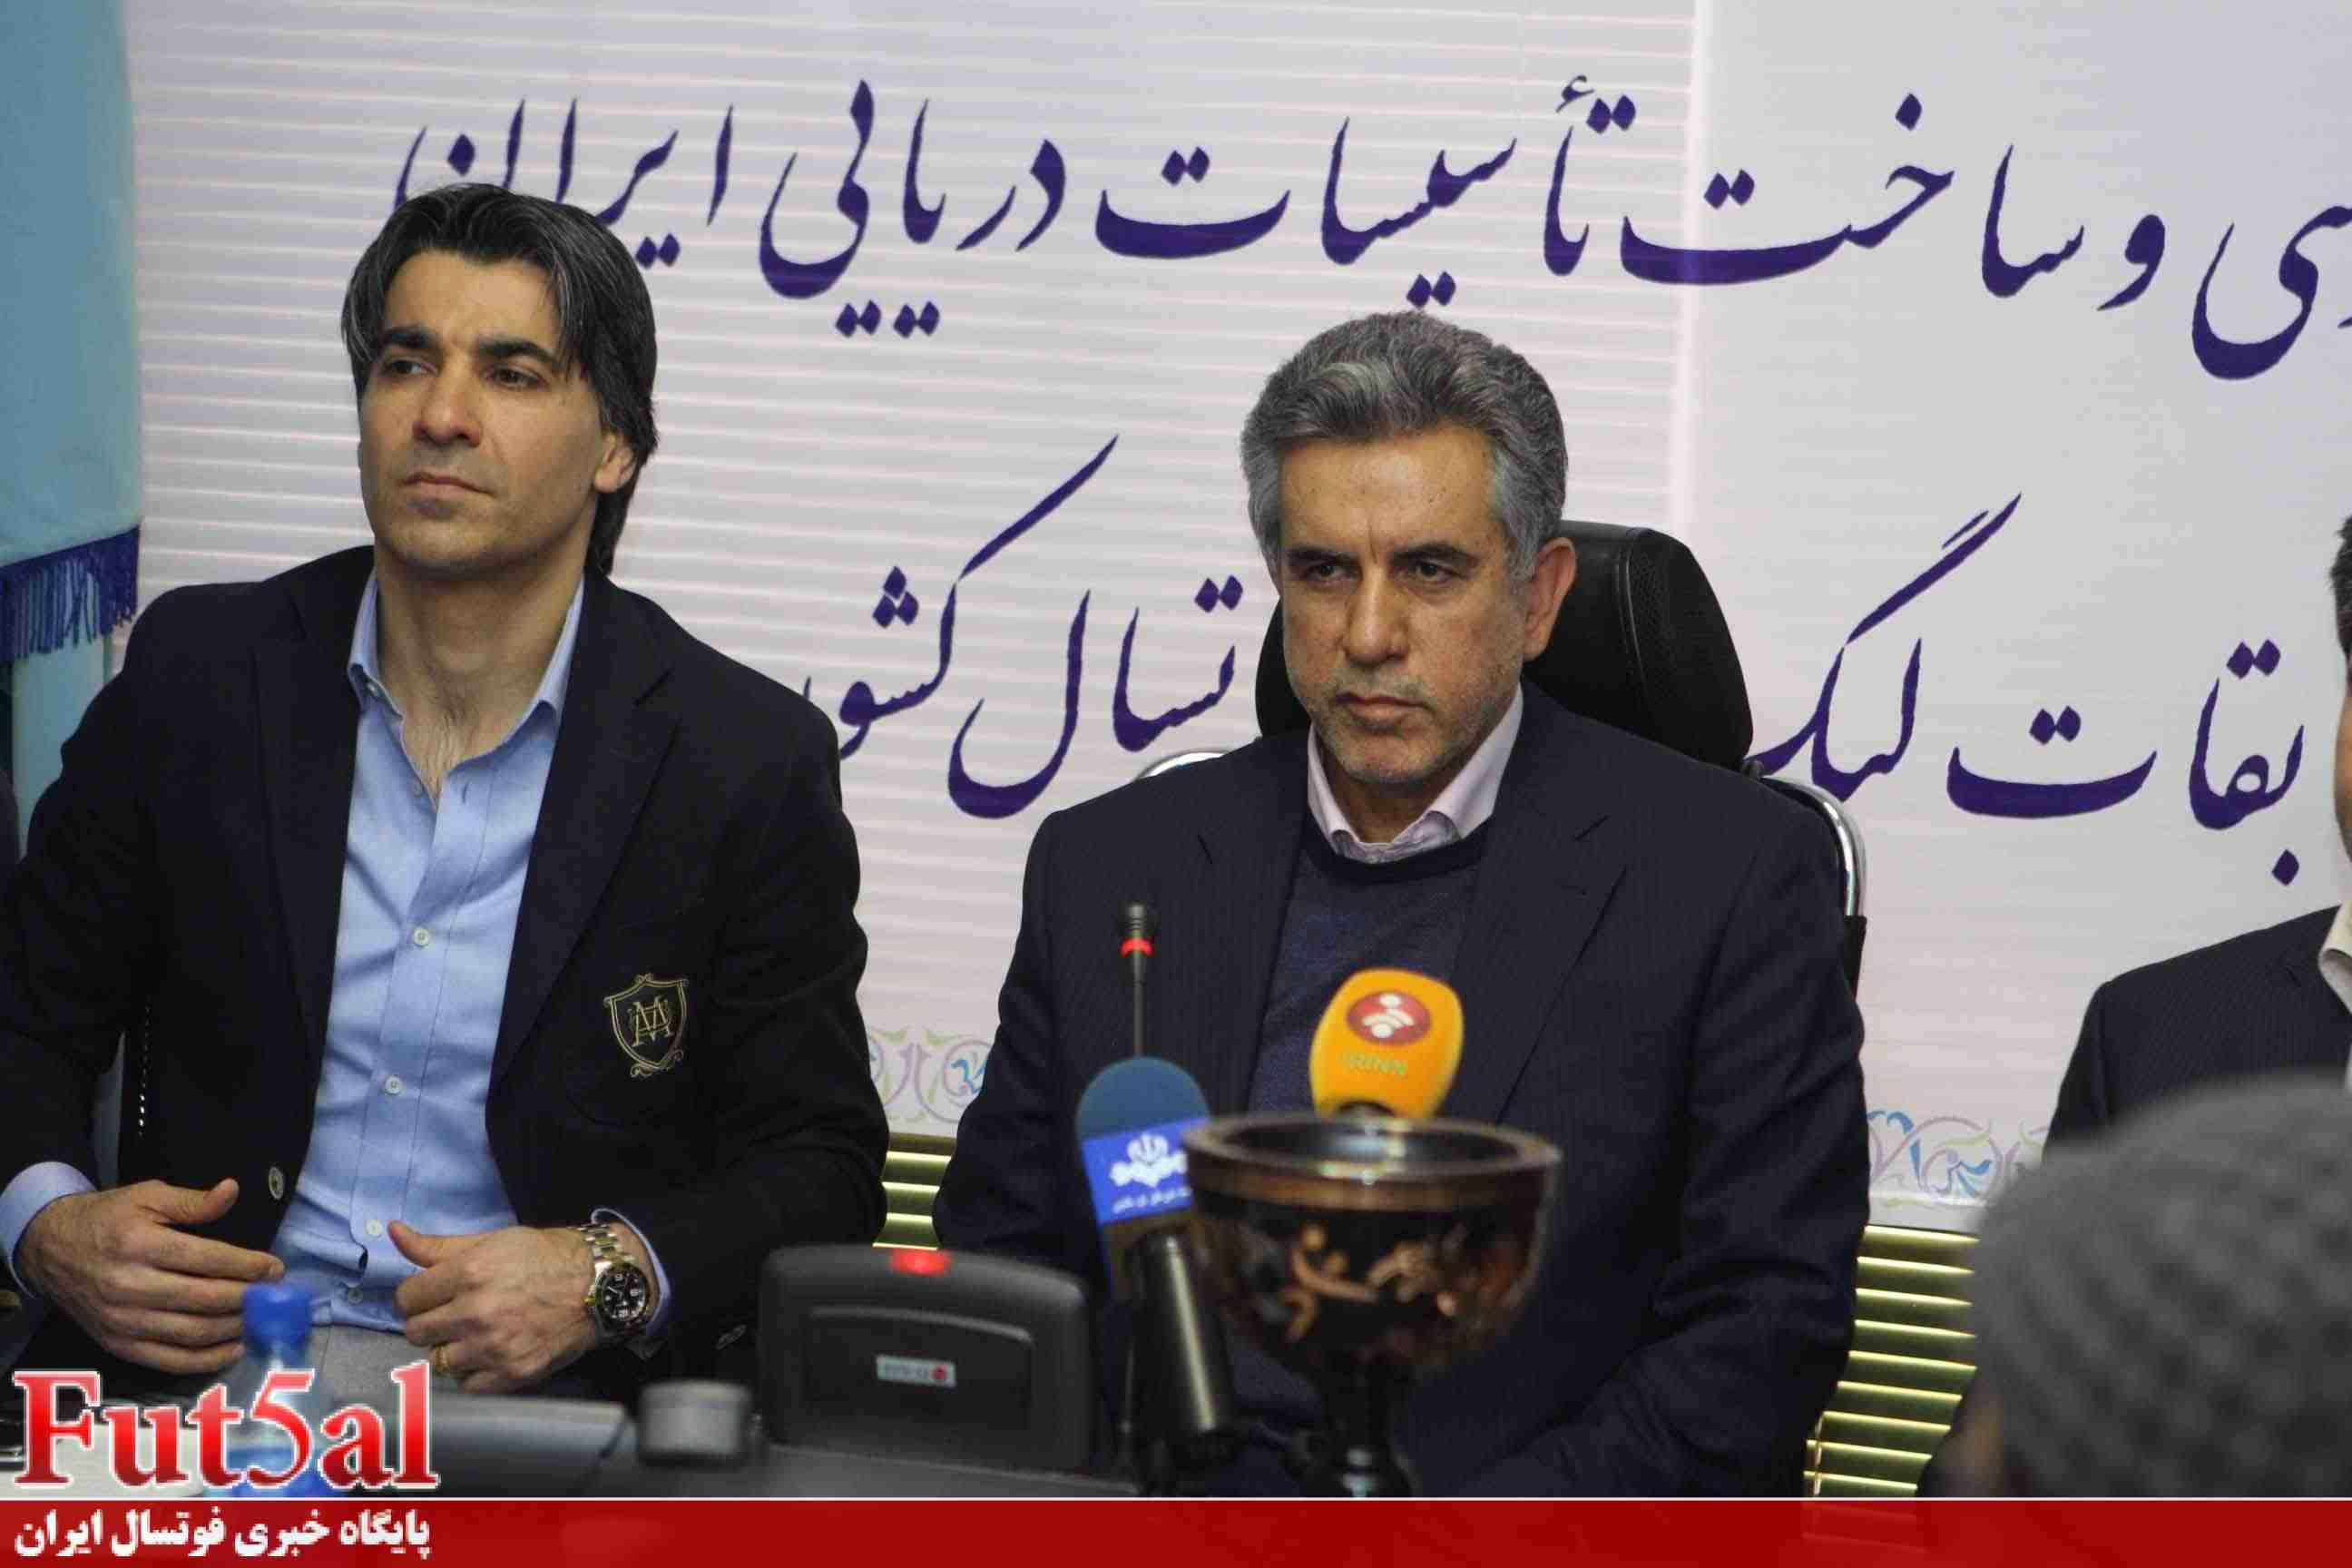 منوچهری:به هیچ عنوان موافق جدایی شمسایی نیستیم/ طرح حضور او در تیم ملی و تاسیسات را بررسی میکنیم